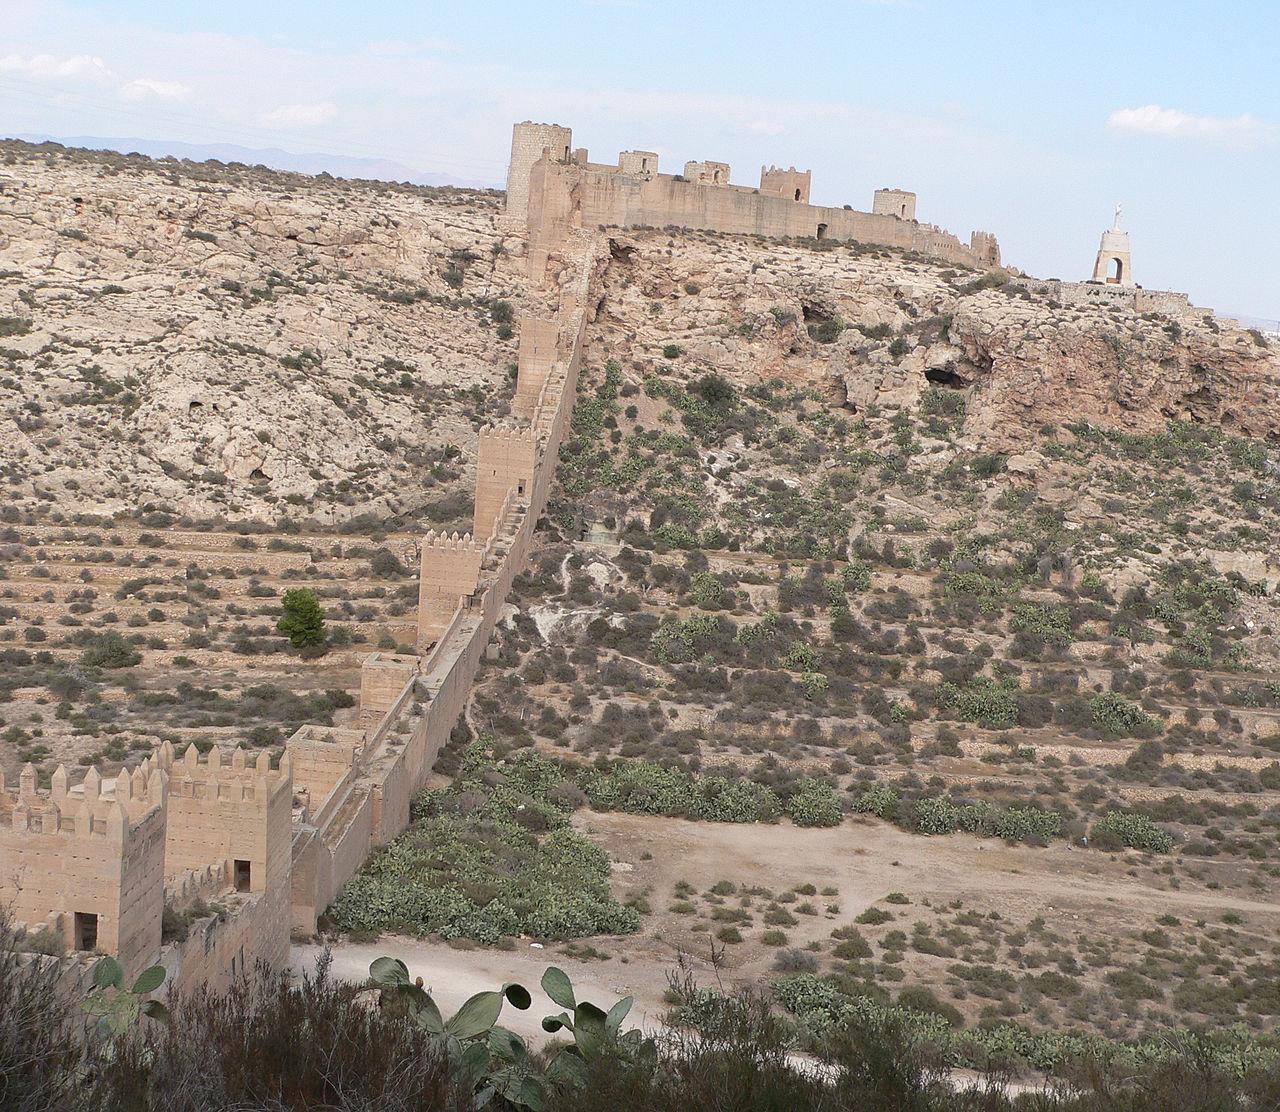 L re des croisades reconquista en orient et en occident for Inmobiliarias de almeria